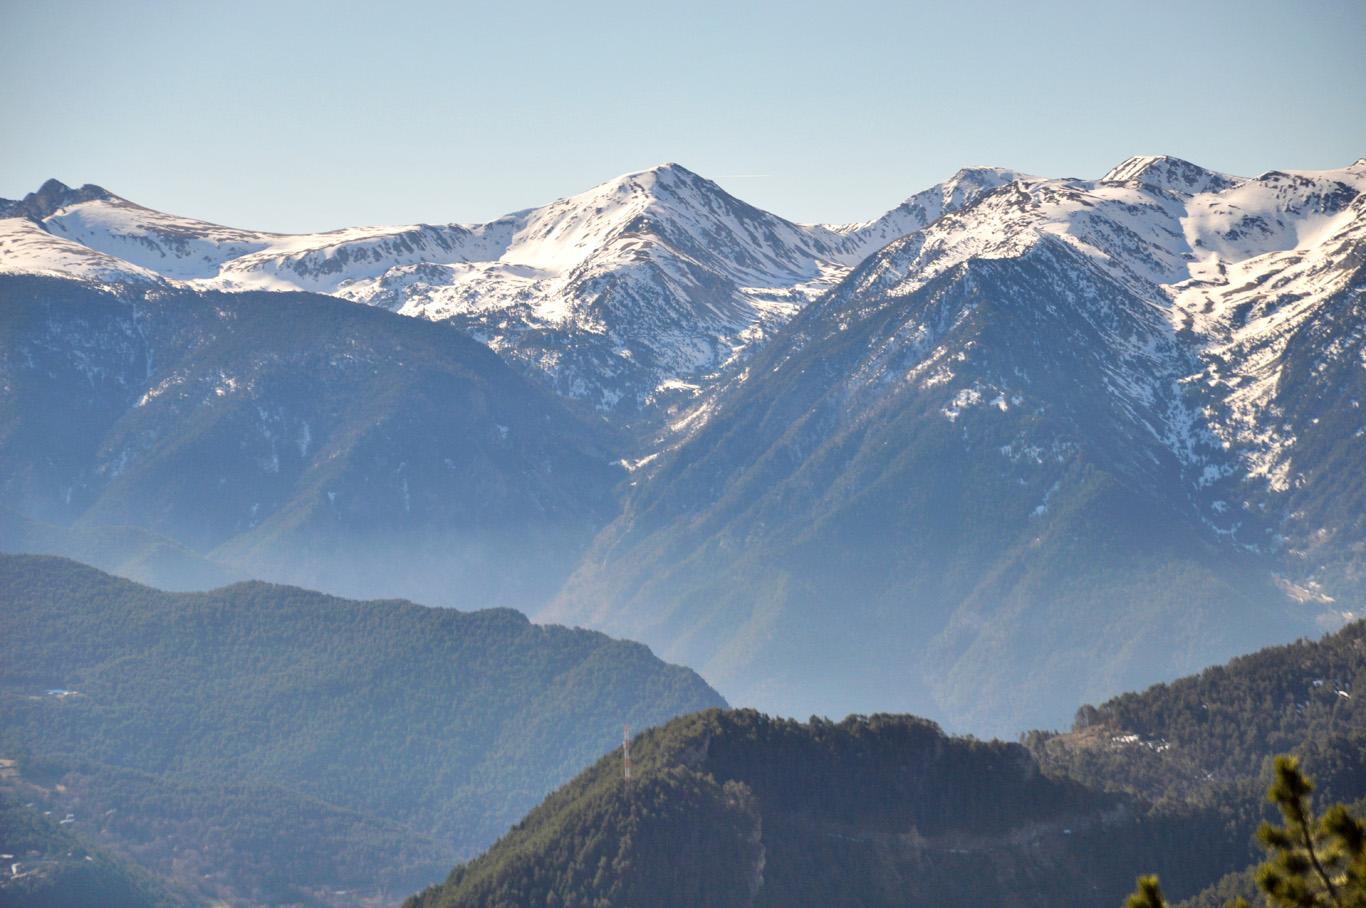 Snowy peaks of the Pyrenees